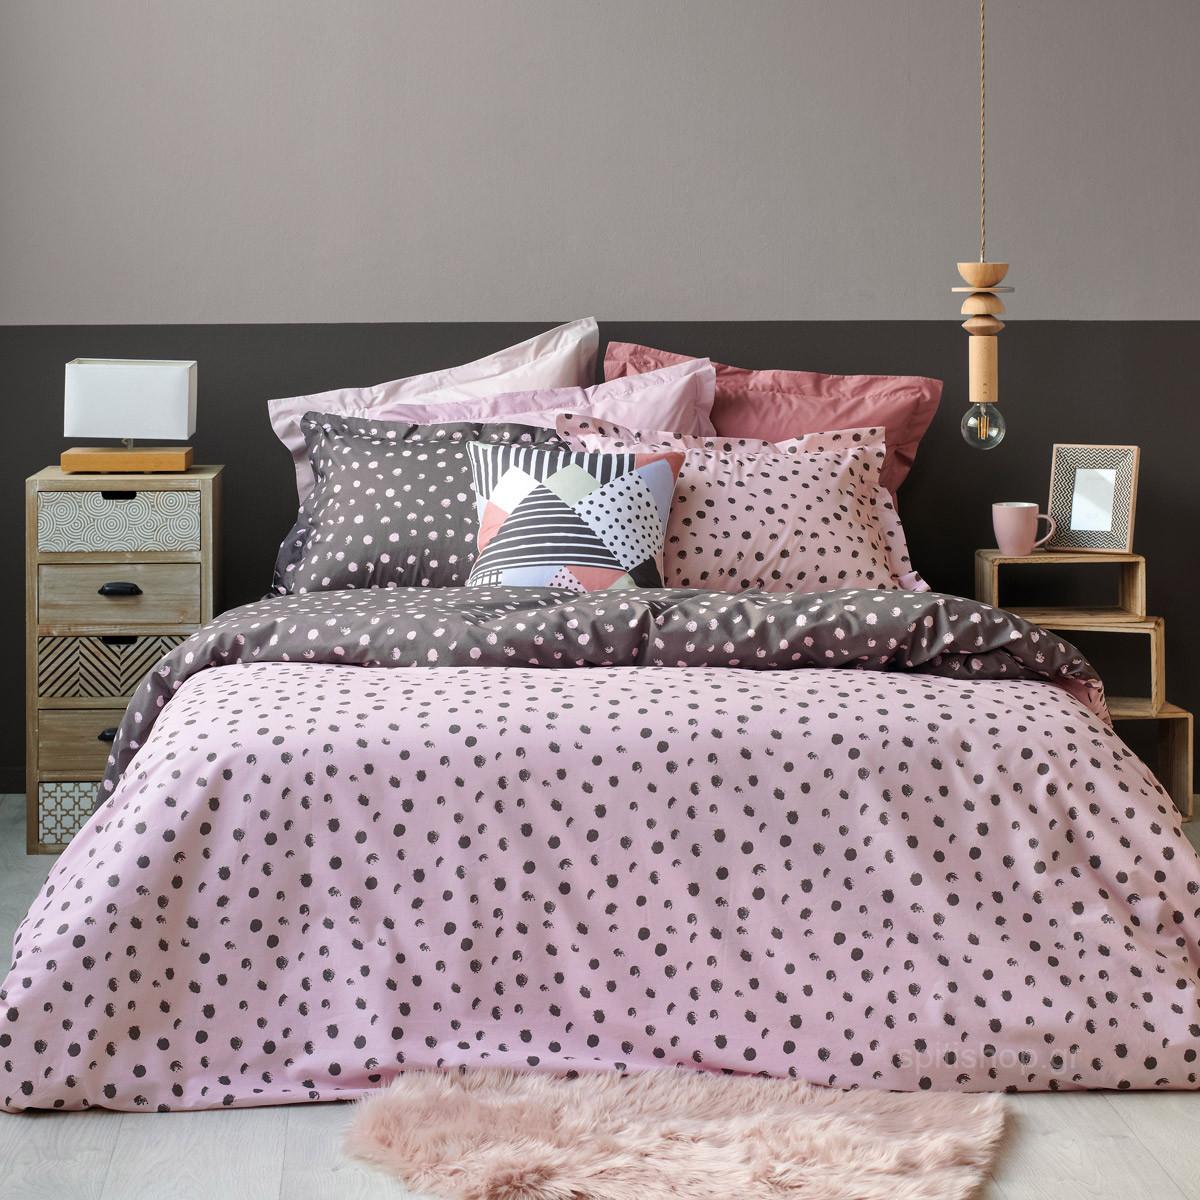 Σεντόνια Ημίδιπλα (Σετ) Kentia Versus Flakes 14 home   κρεβατοκάμαρα   σεντόνια   σεντόνια ημίδιπλα   διπλά